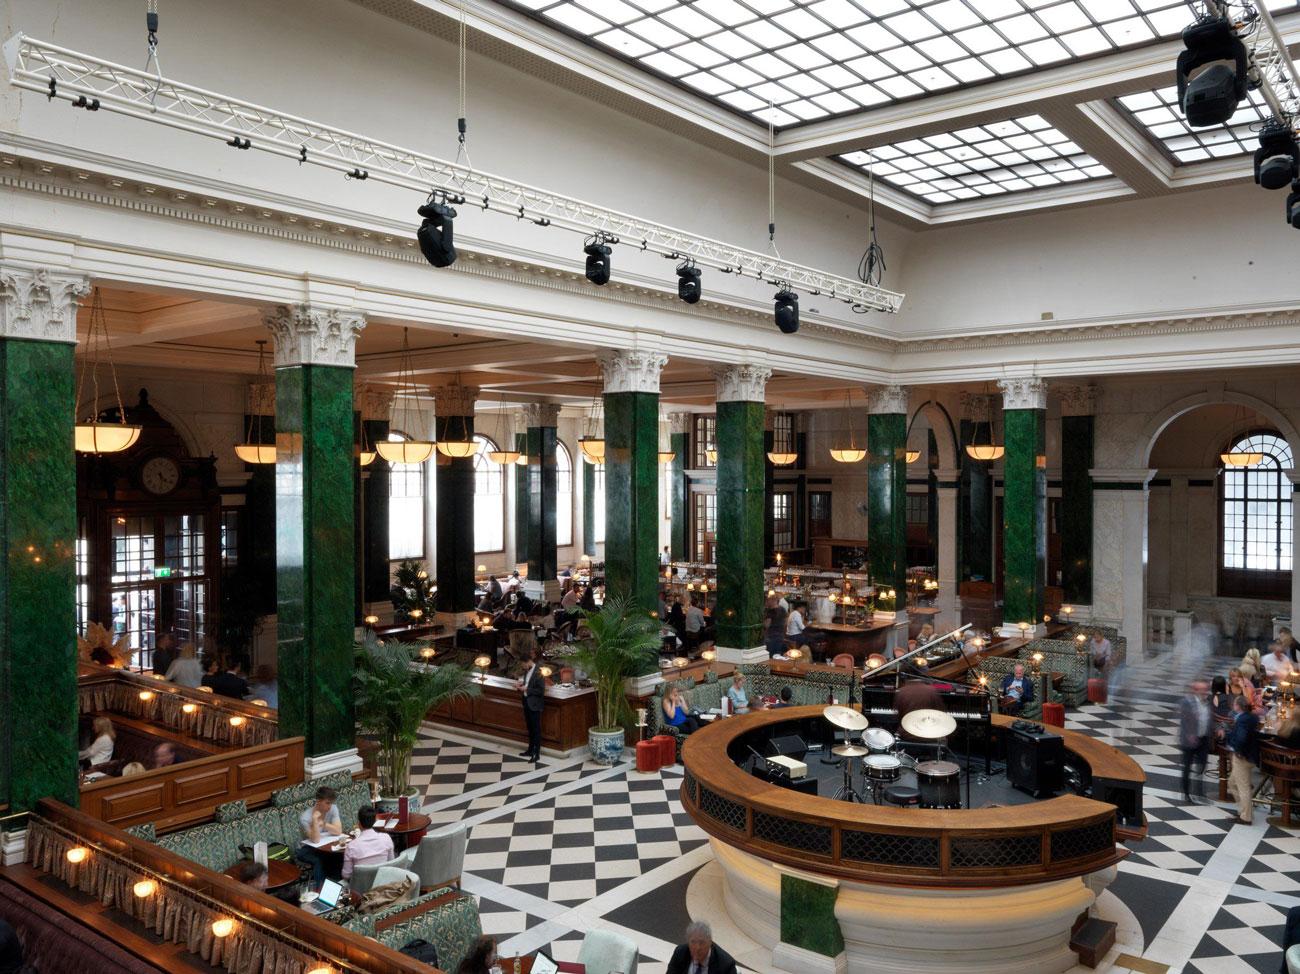 Découverte du NEDun hôtel londonien exceptionnel 1